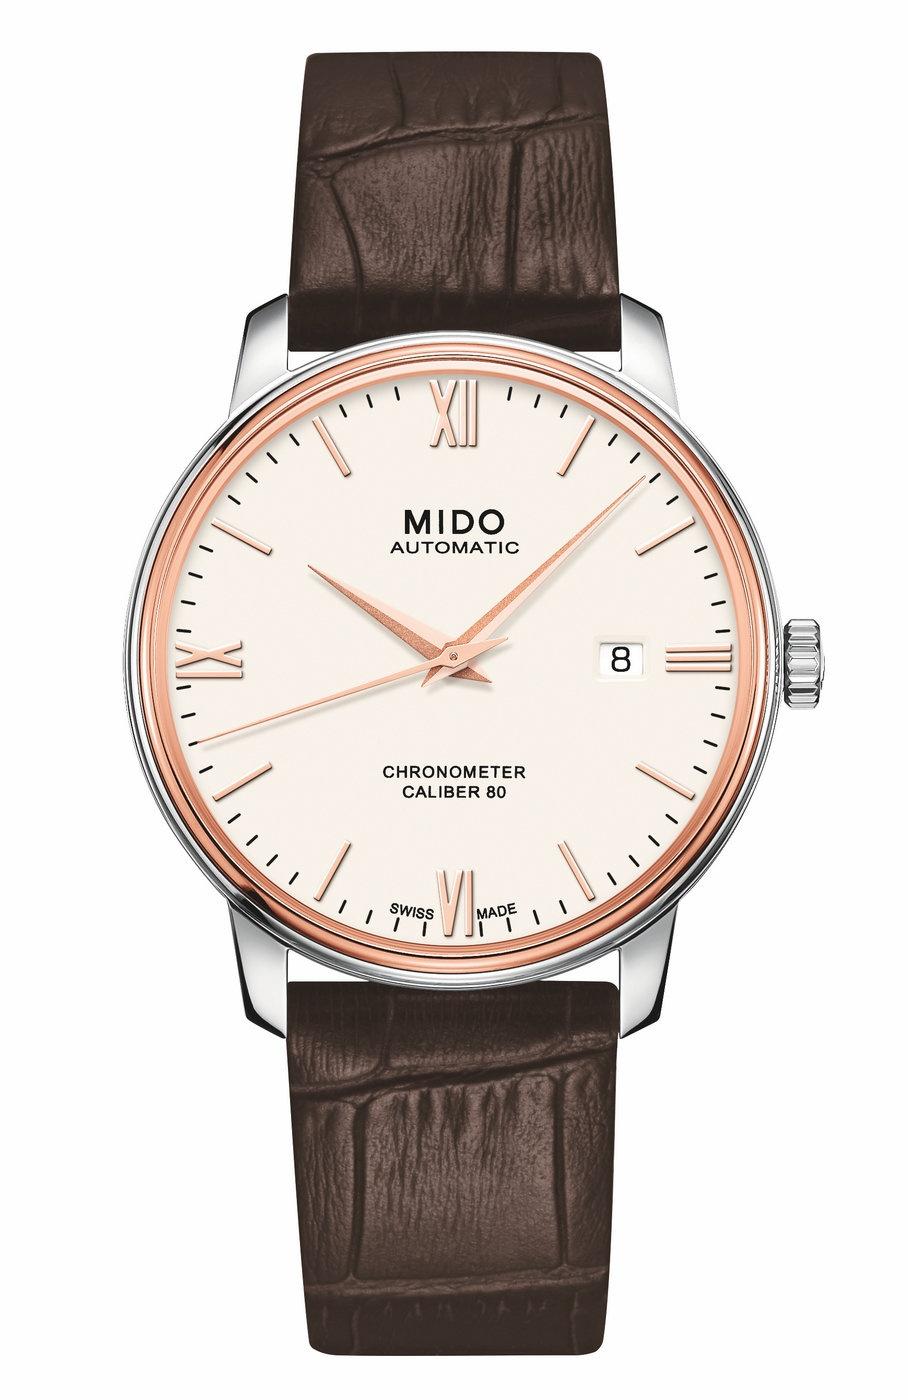 瑞士美度表贝伦赛丽系列腕表上市 首款搭载硅游丝天文台认证Caliber 80长动能存储腕表